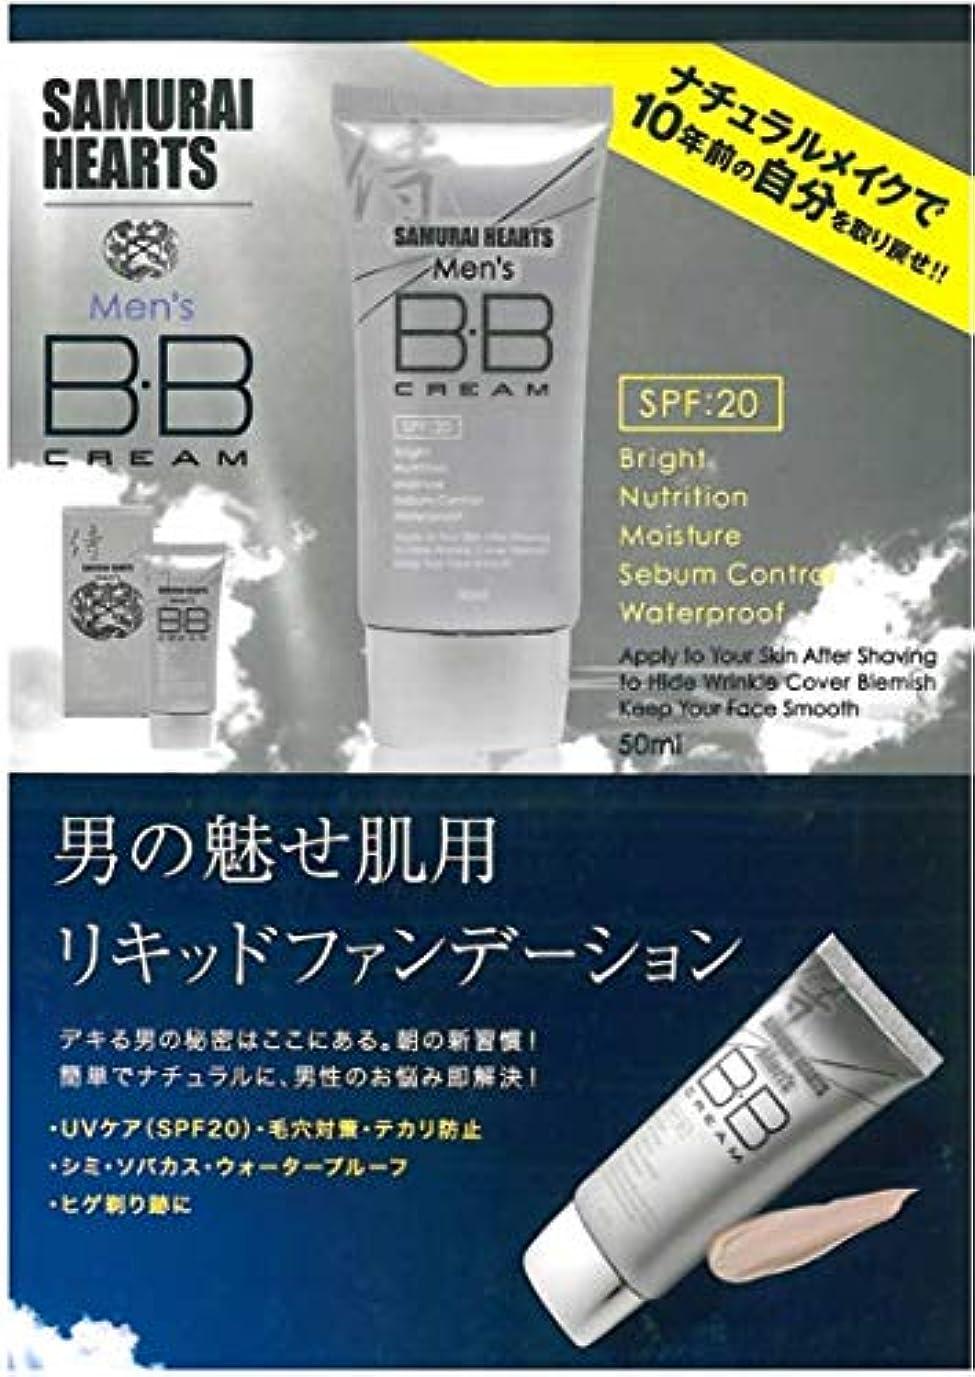 円形ホーム天サムライハーツBBクリーム BBクリーム ファンデーション 男性用 メンズ 化粧品